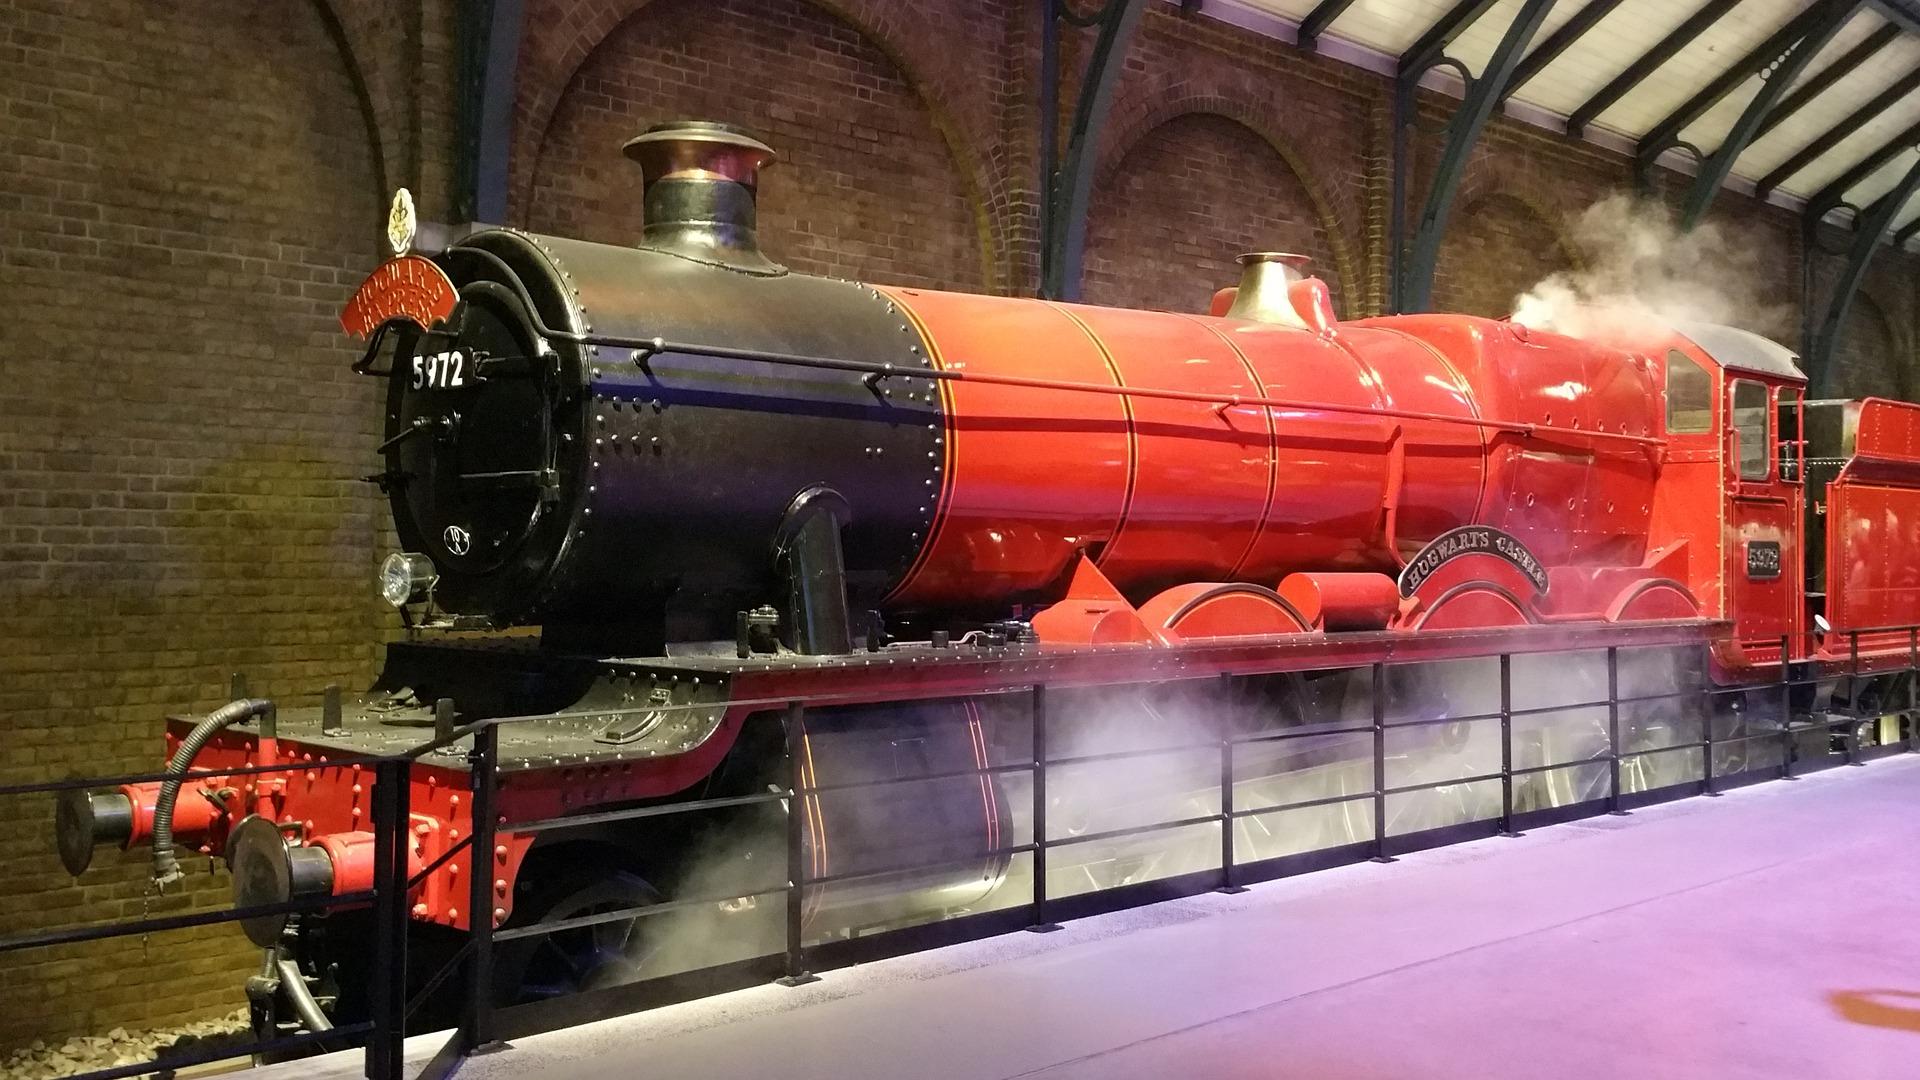 Gleis ³4 Lokomotive Reise The Making of Harry Potter Tour